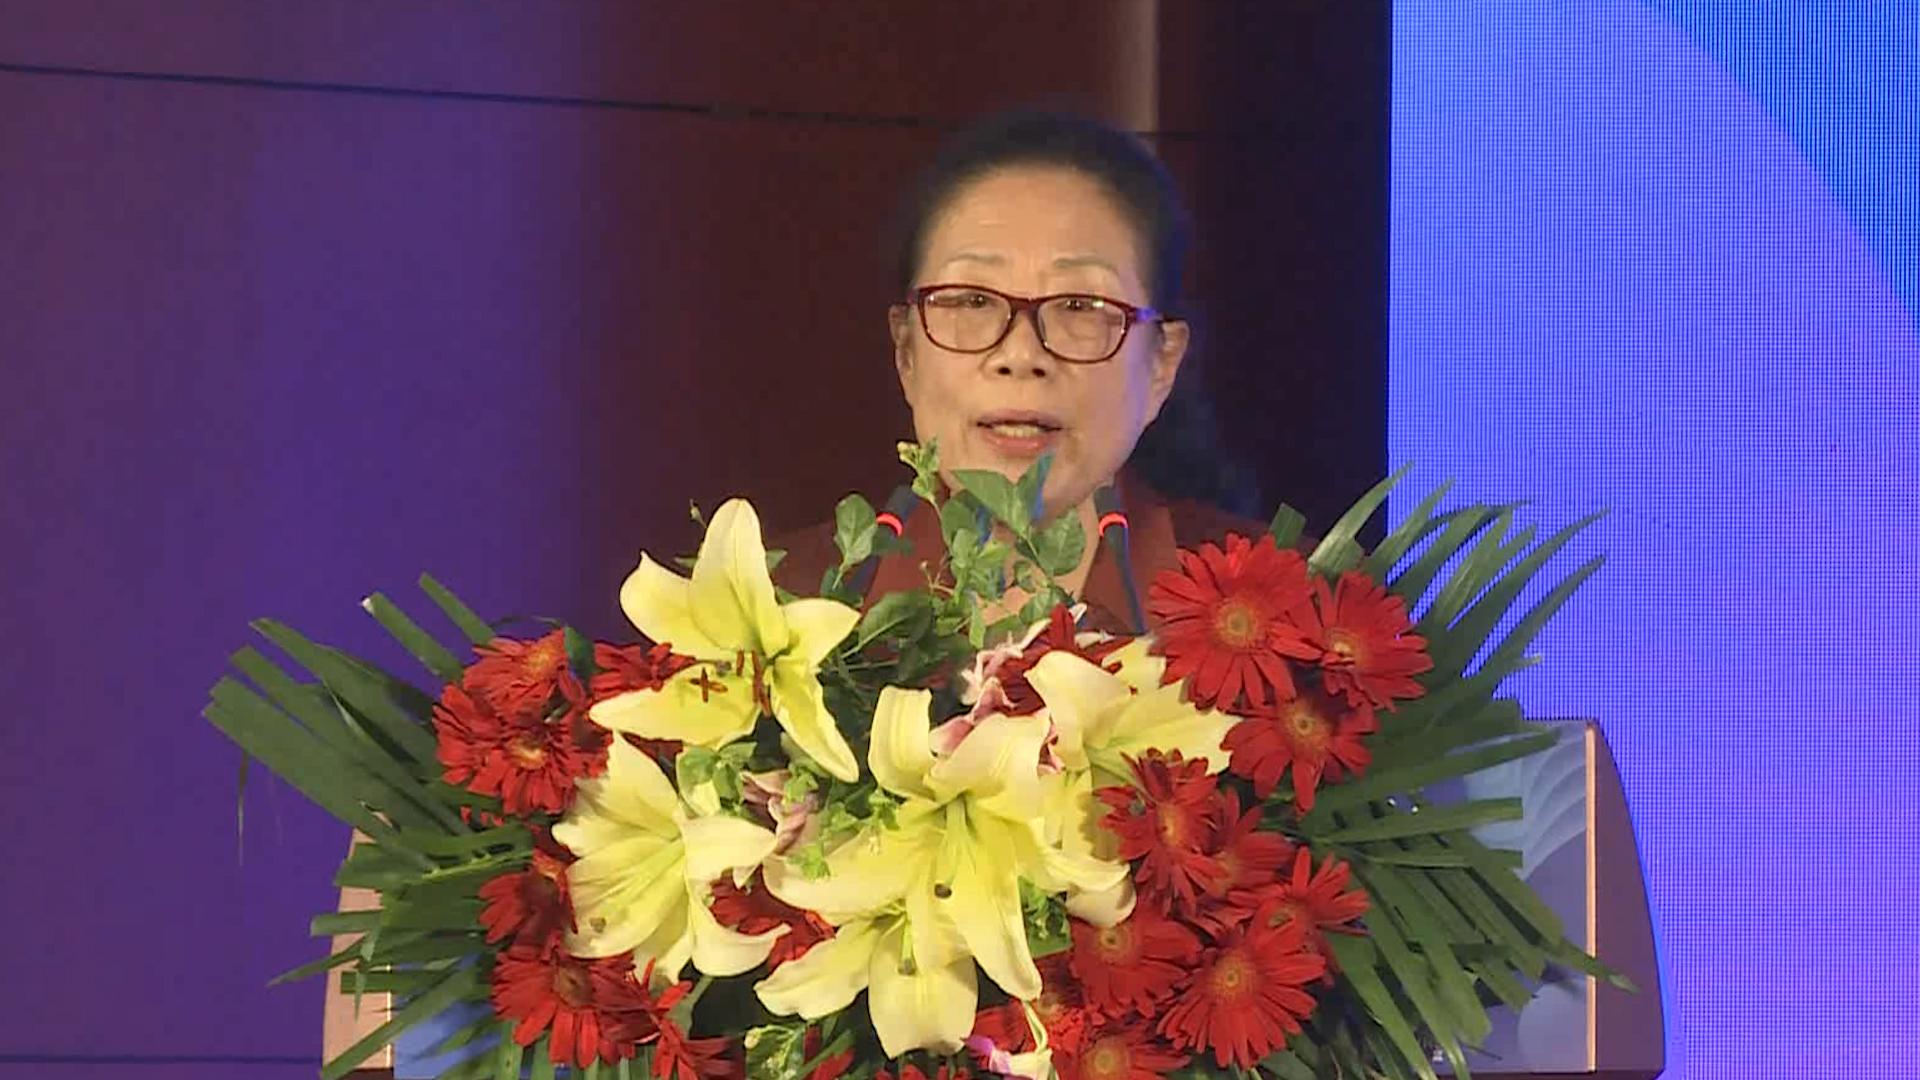 儿童优先·幸福公益高峰论坛|张琪致辞 倡议聆听儿童心声